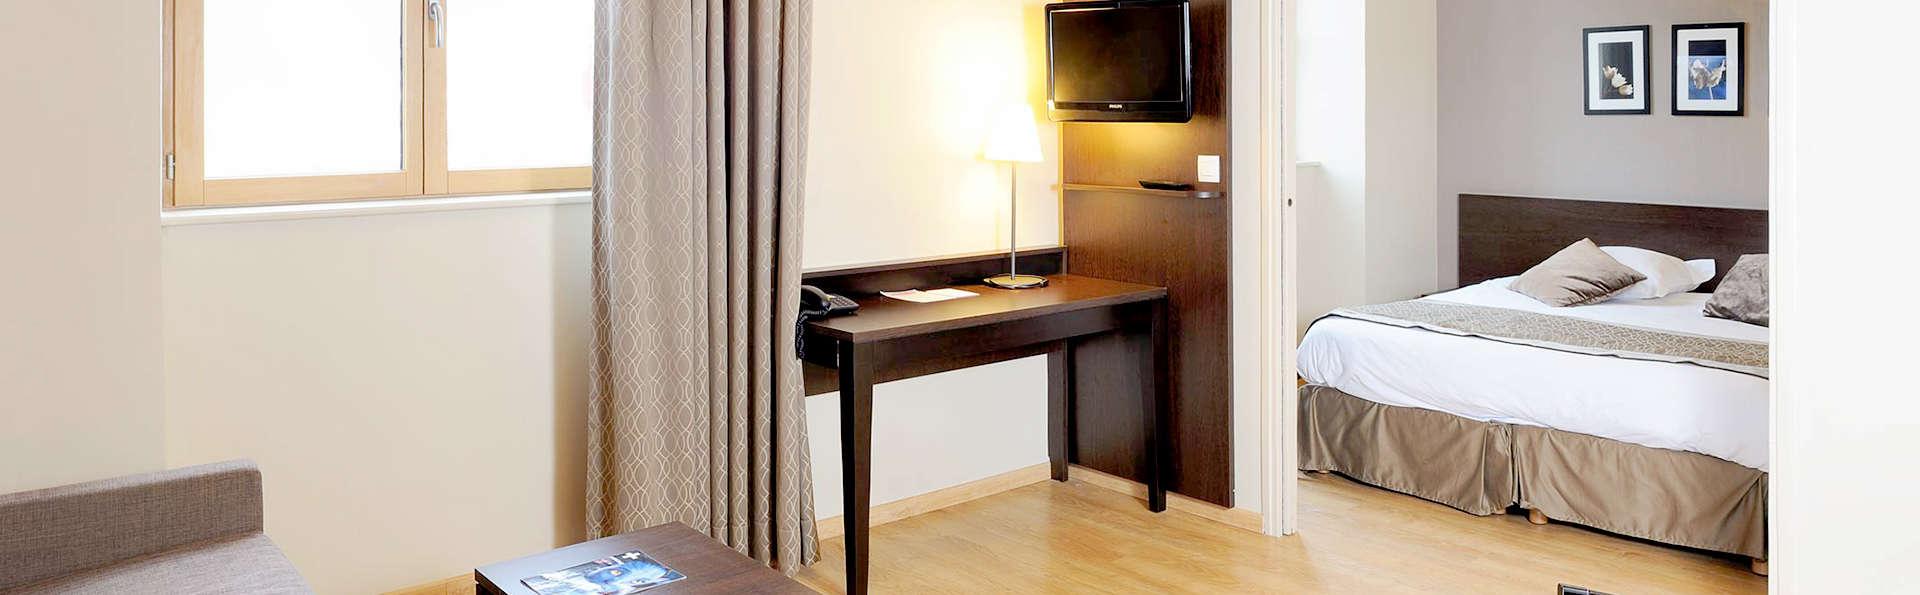 Résidez dans un appartement au cœur de Grenoble